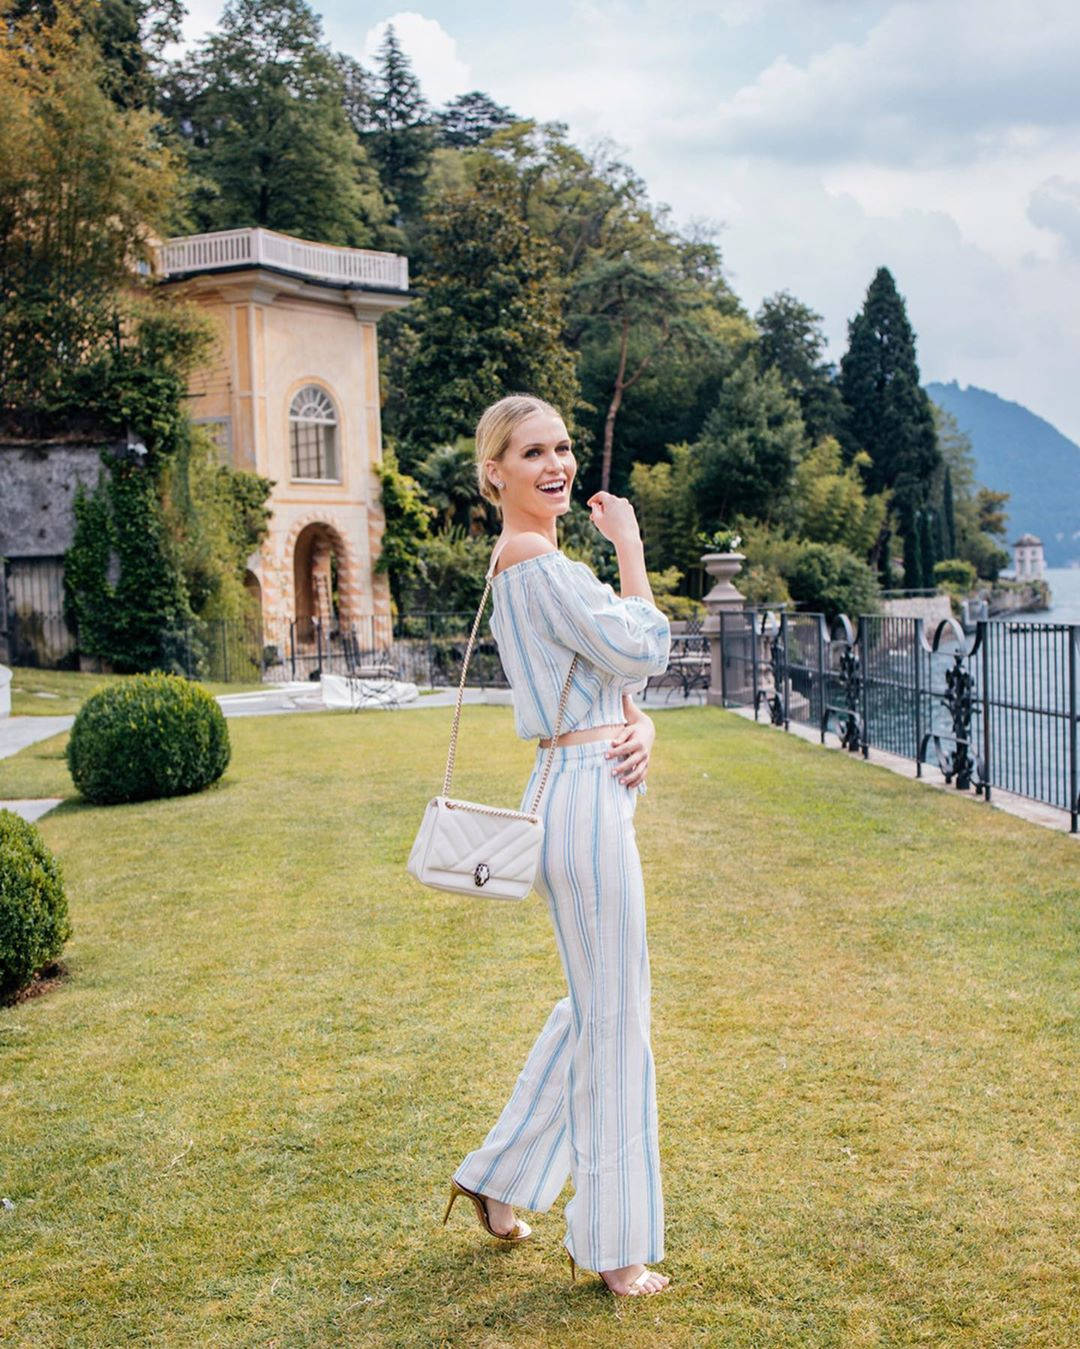 Kitty Spencer a sobrinha fashionista da Princesa Diana